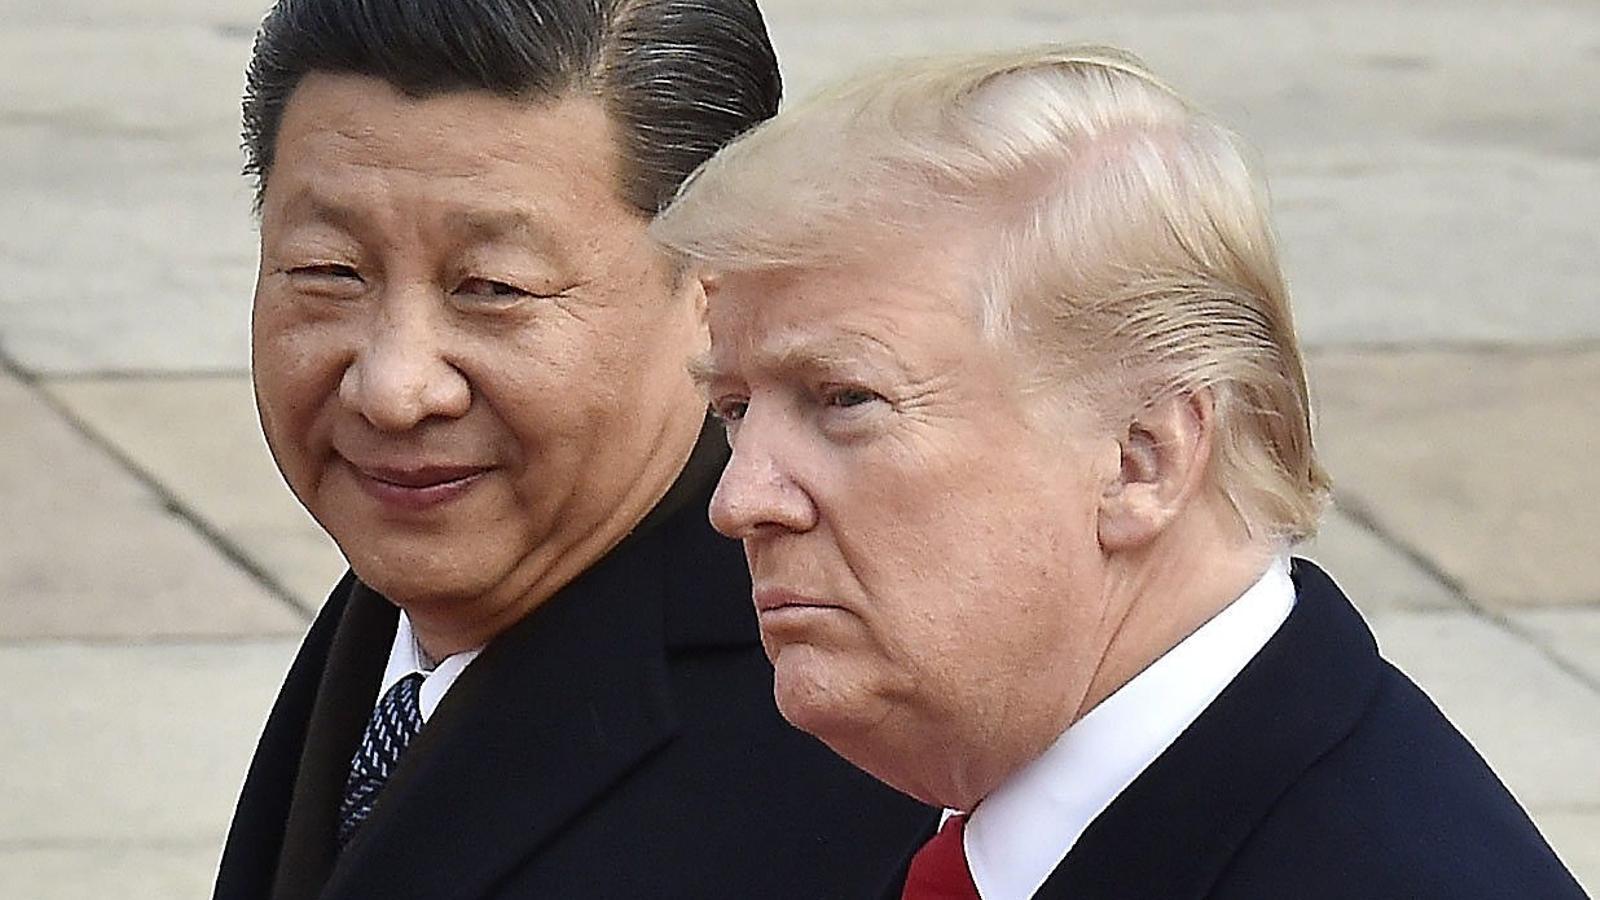 El president de la Xina, Xi Jinping, i el president dels Estats Units, Donald Trump, durant una trobada al mes de març.